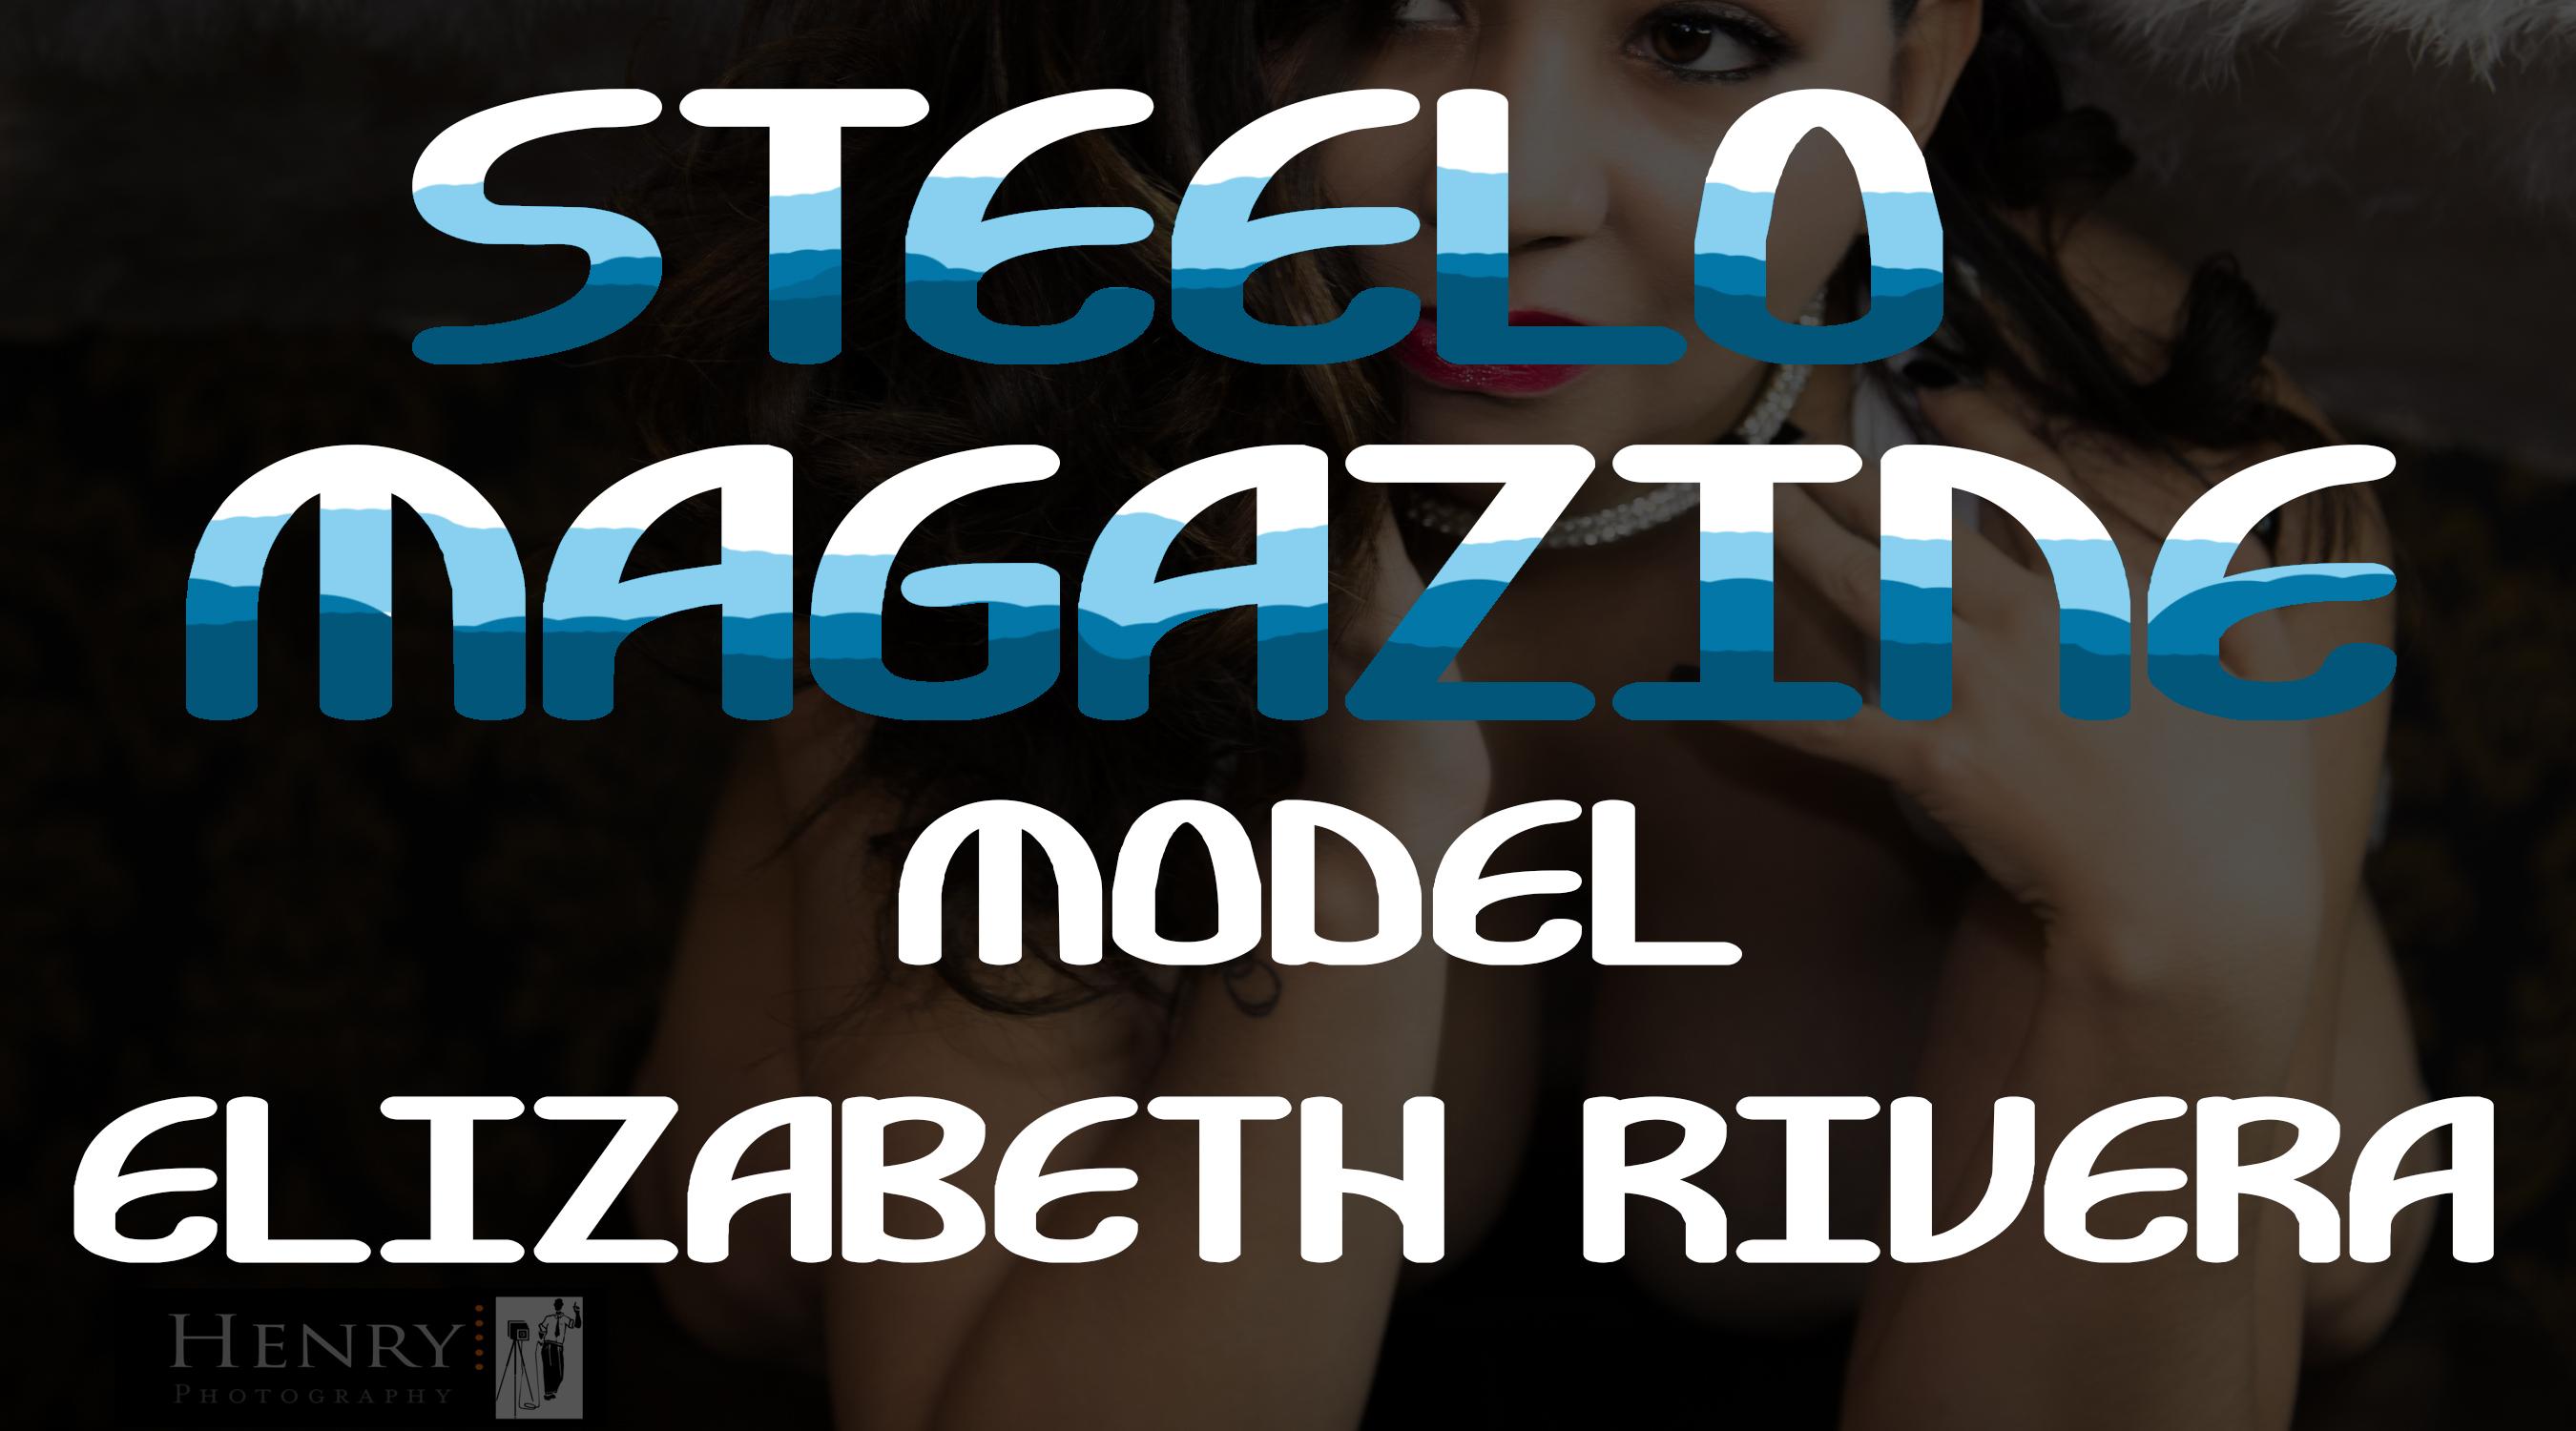 steelo-model-elizabeth-marie-2